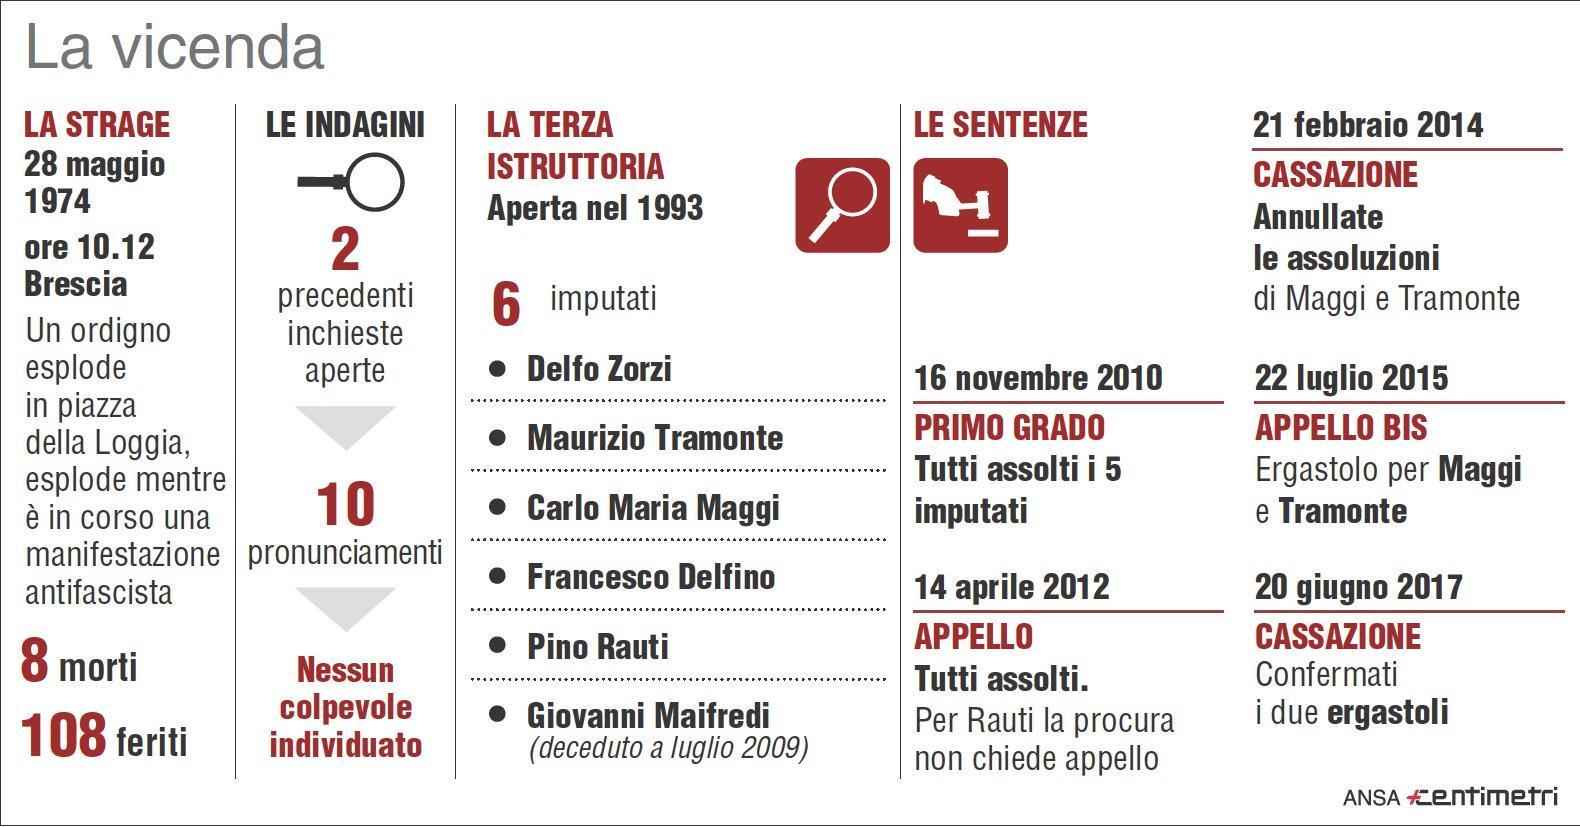 Brescia, la strage di Piazza della Loggia e la vicenda giudiziaria